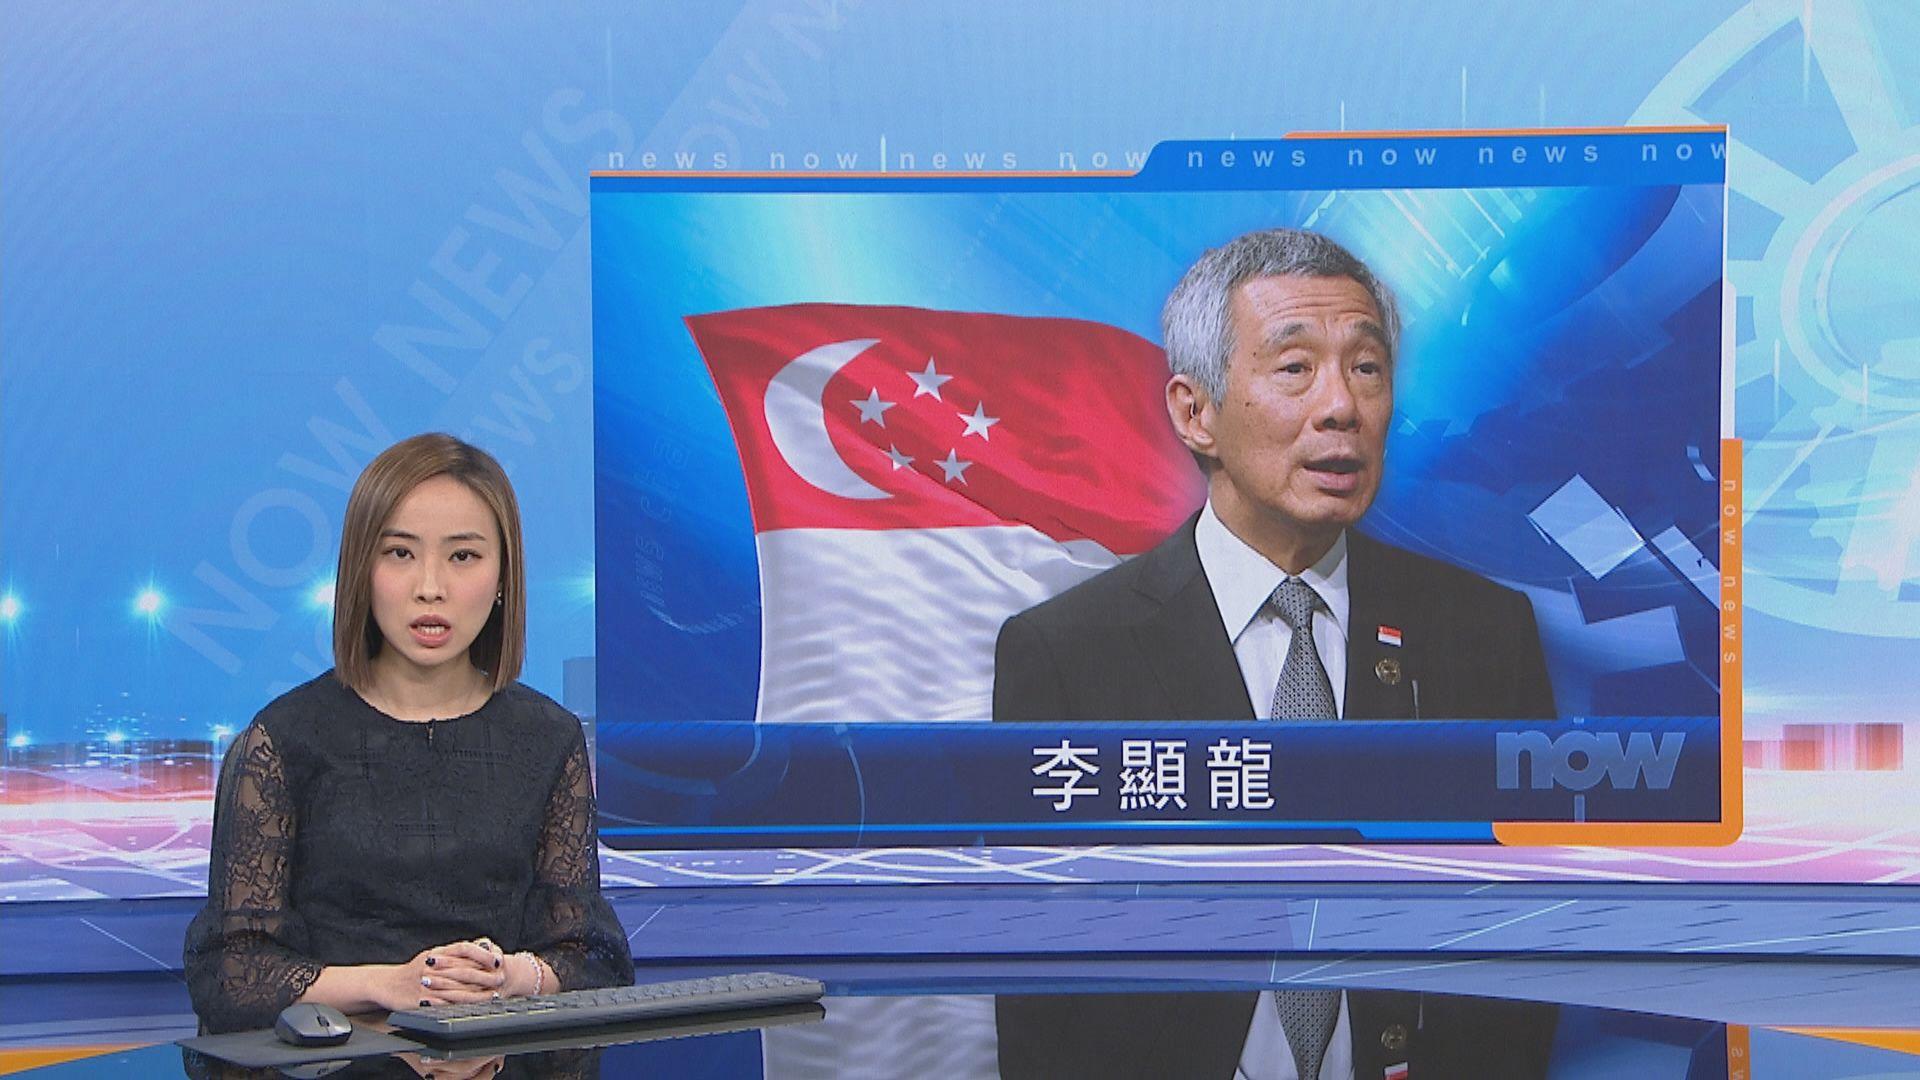 時評人誹謗李顯龍 被判須賠償13.3萬新加坡元